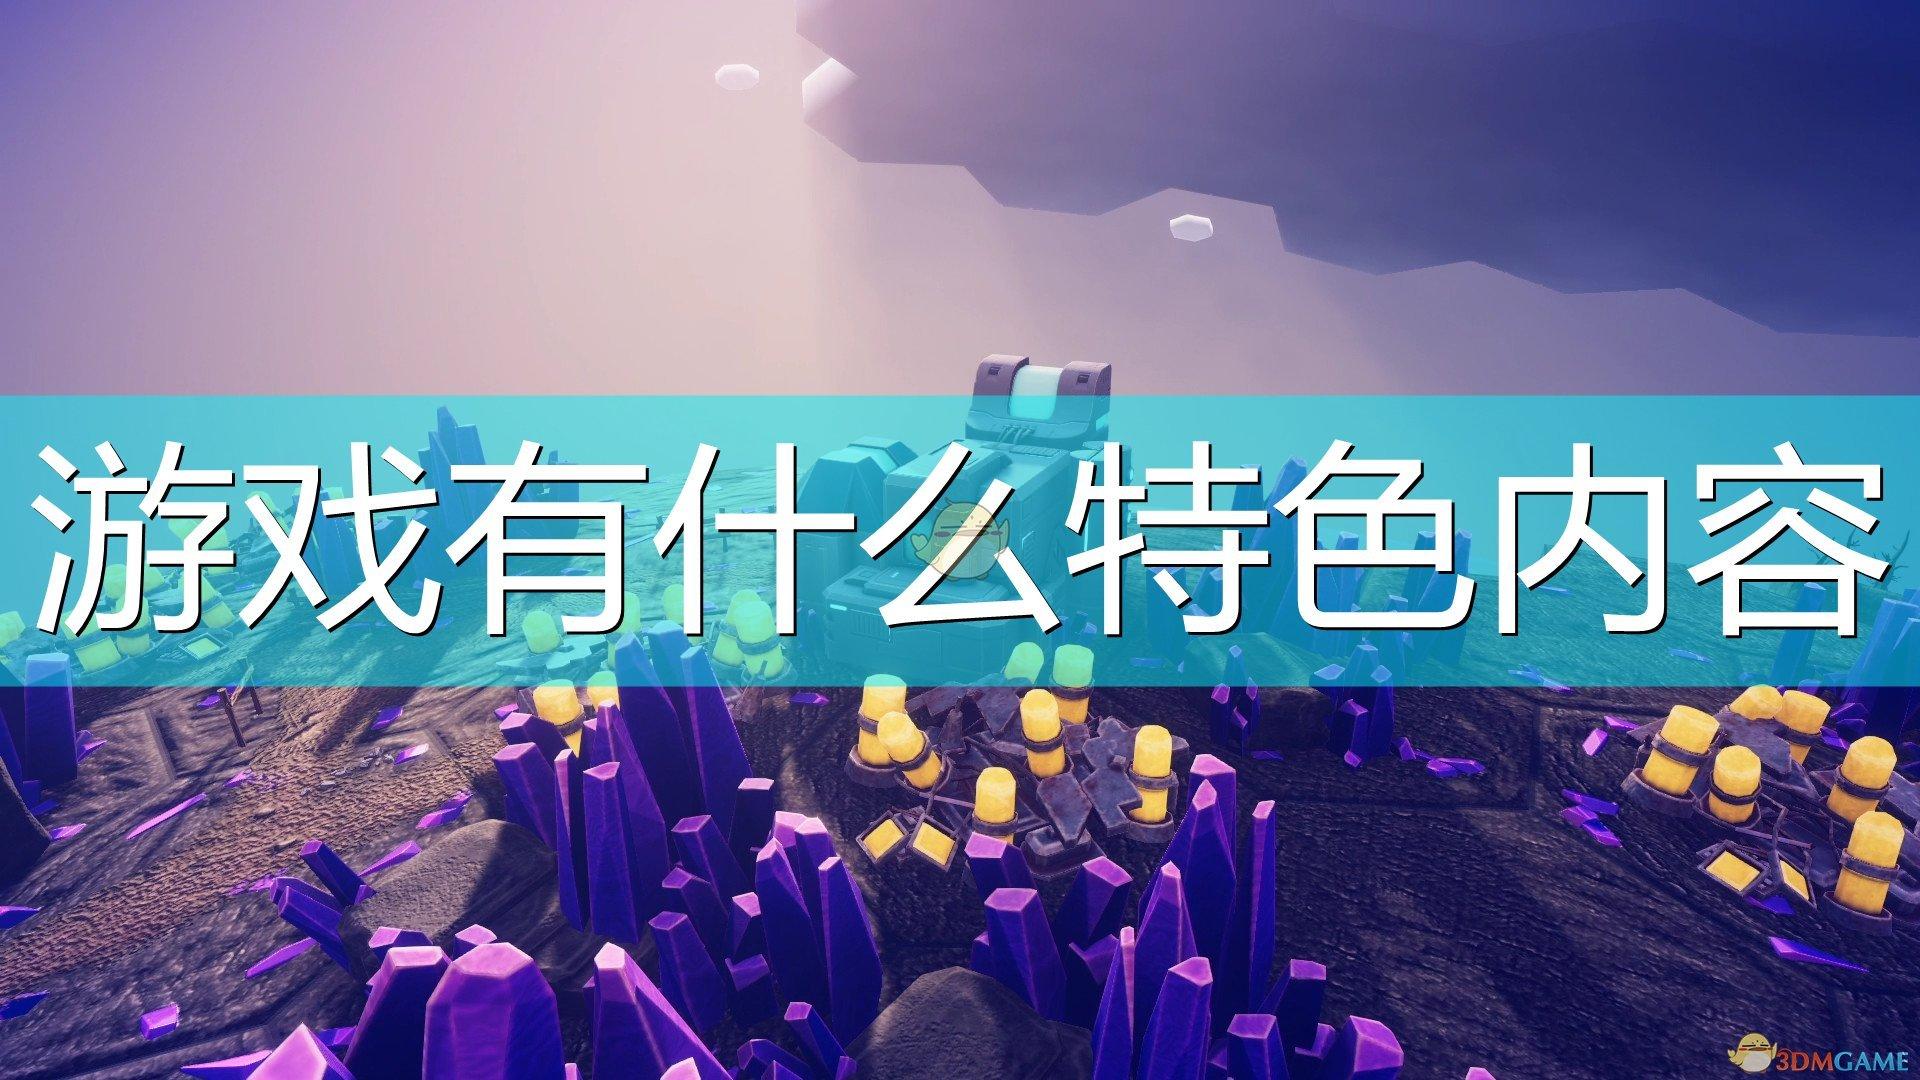 《离去之前》游戏特色内容介绍